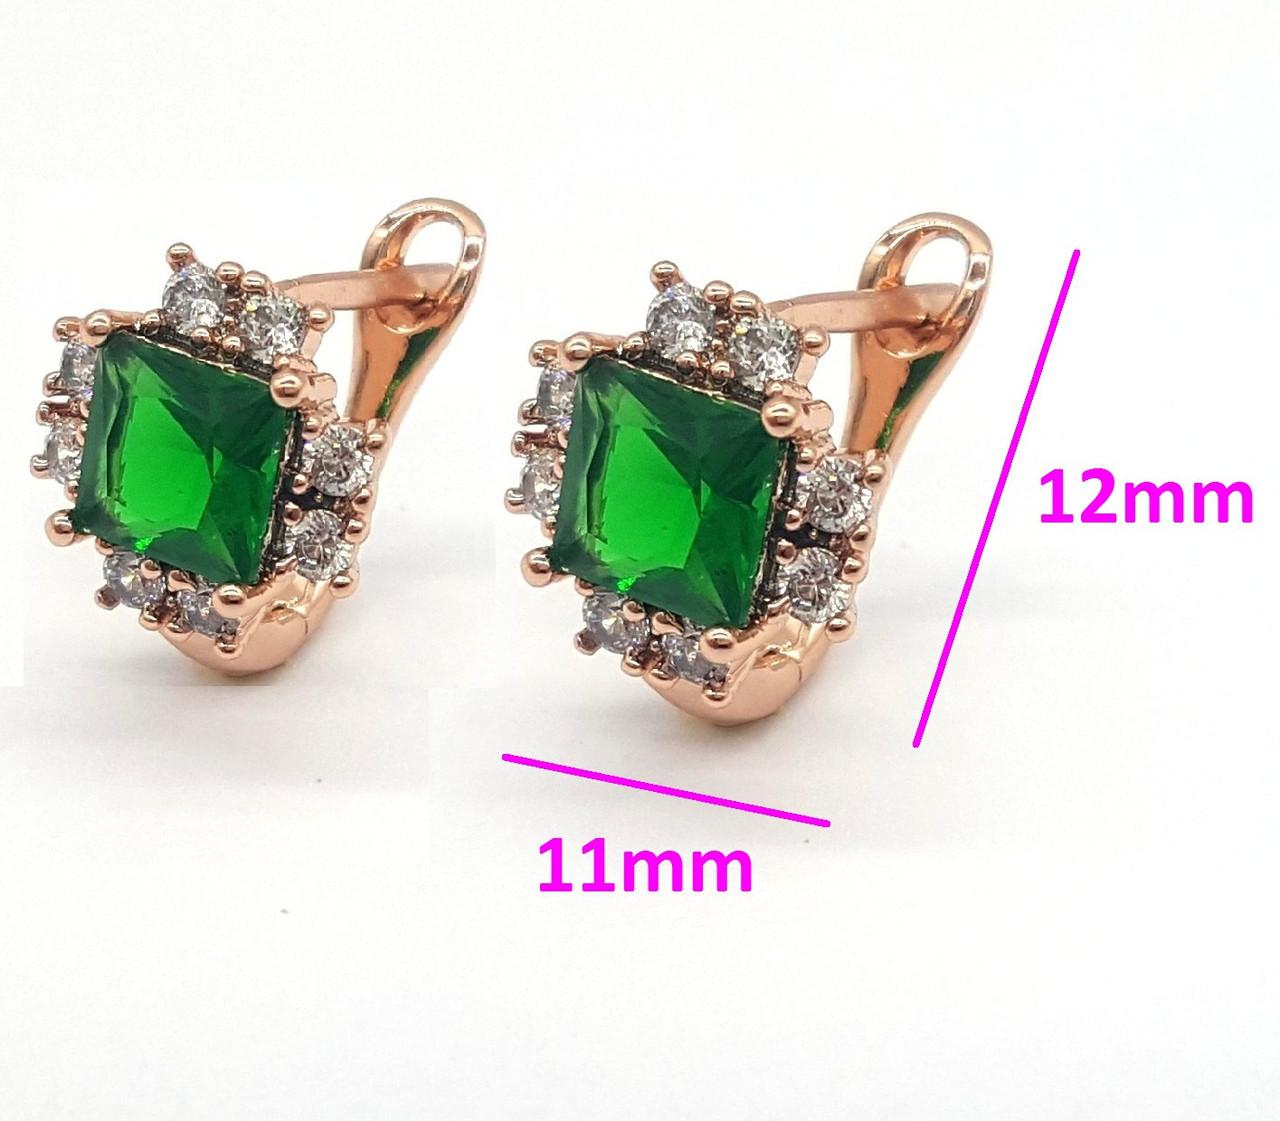 Сережки Квадрат із зеленим цирконієм, англ.замок, позолота Xuping, 14К